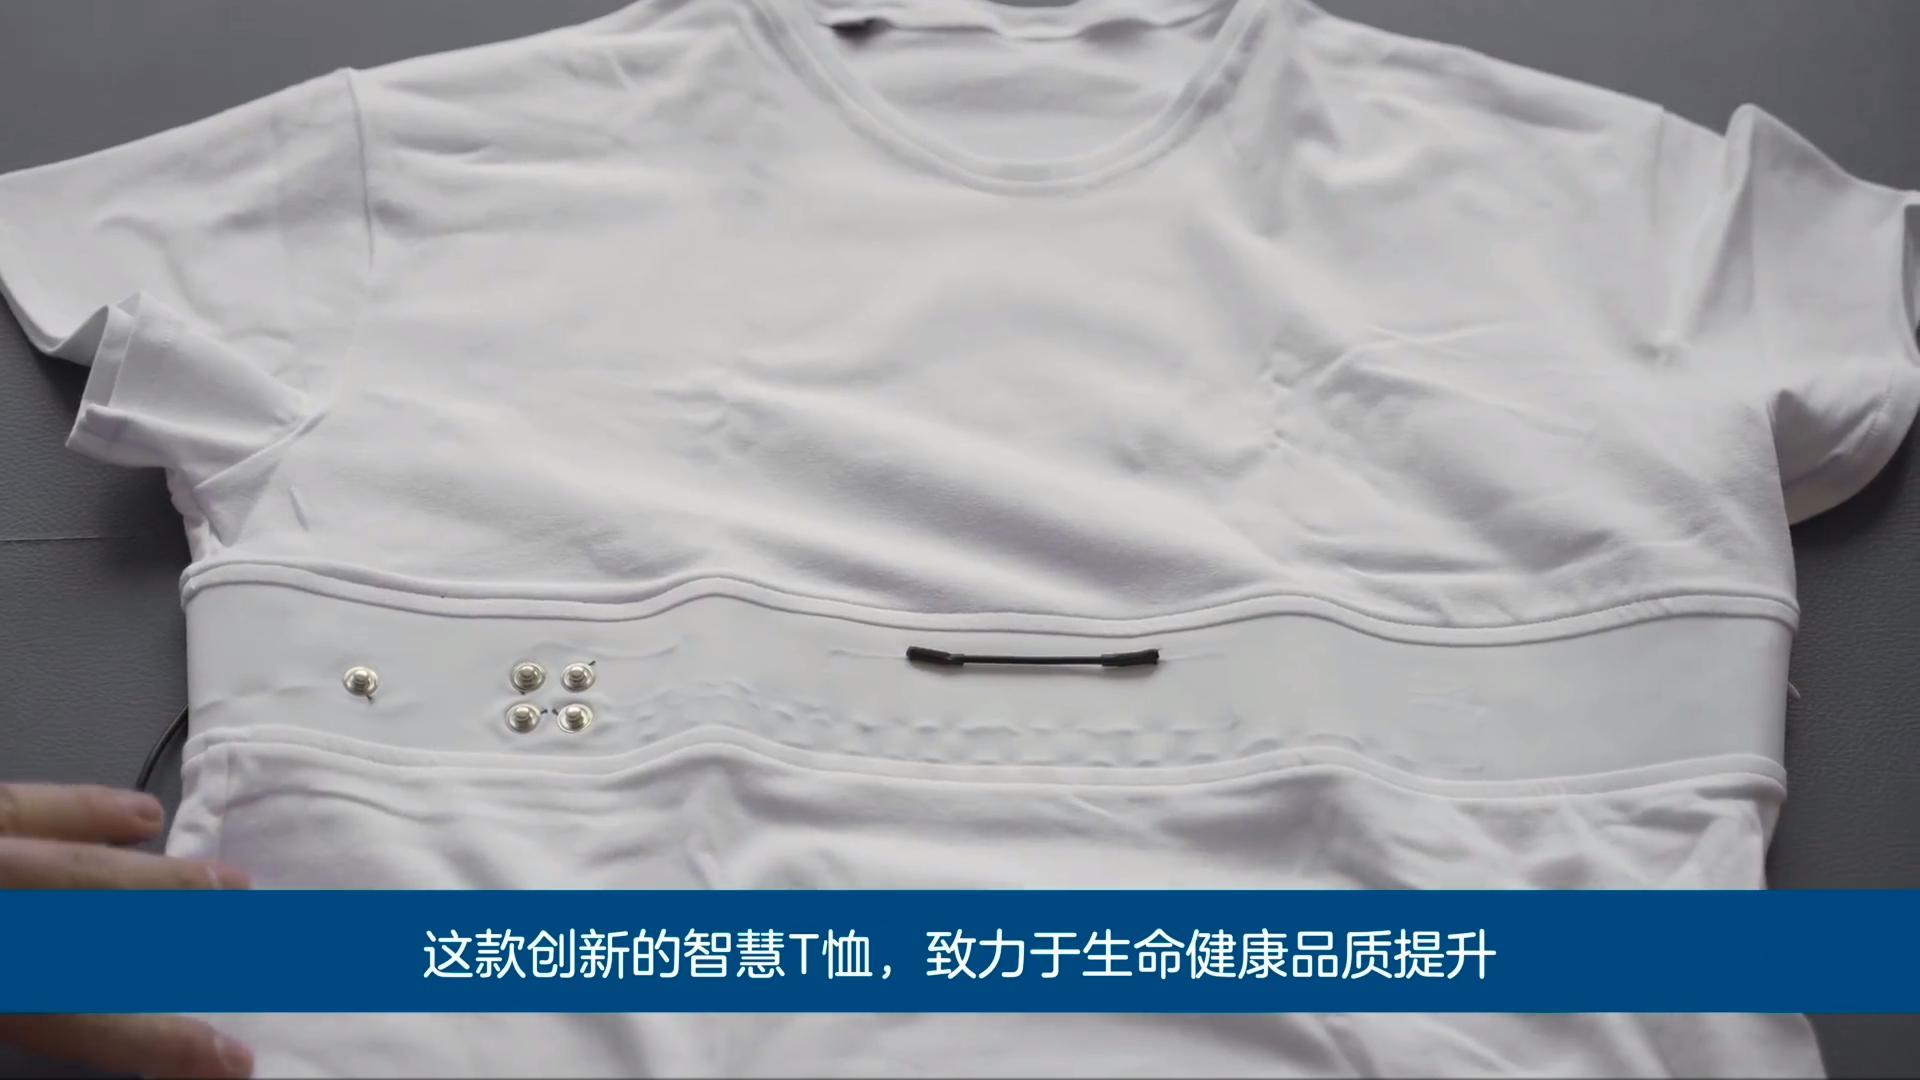 Китайці презентували розумну футболку. Що вона уміє і як виглядає